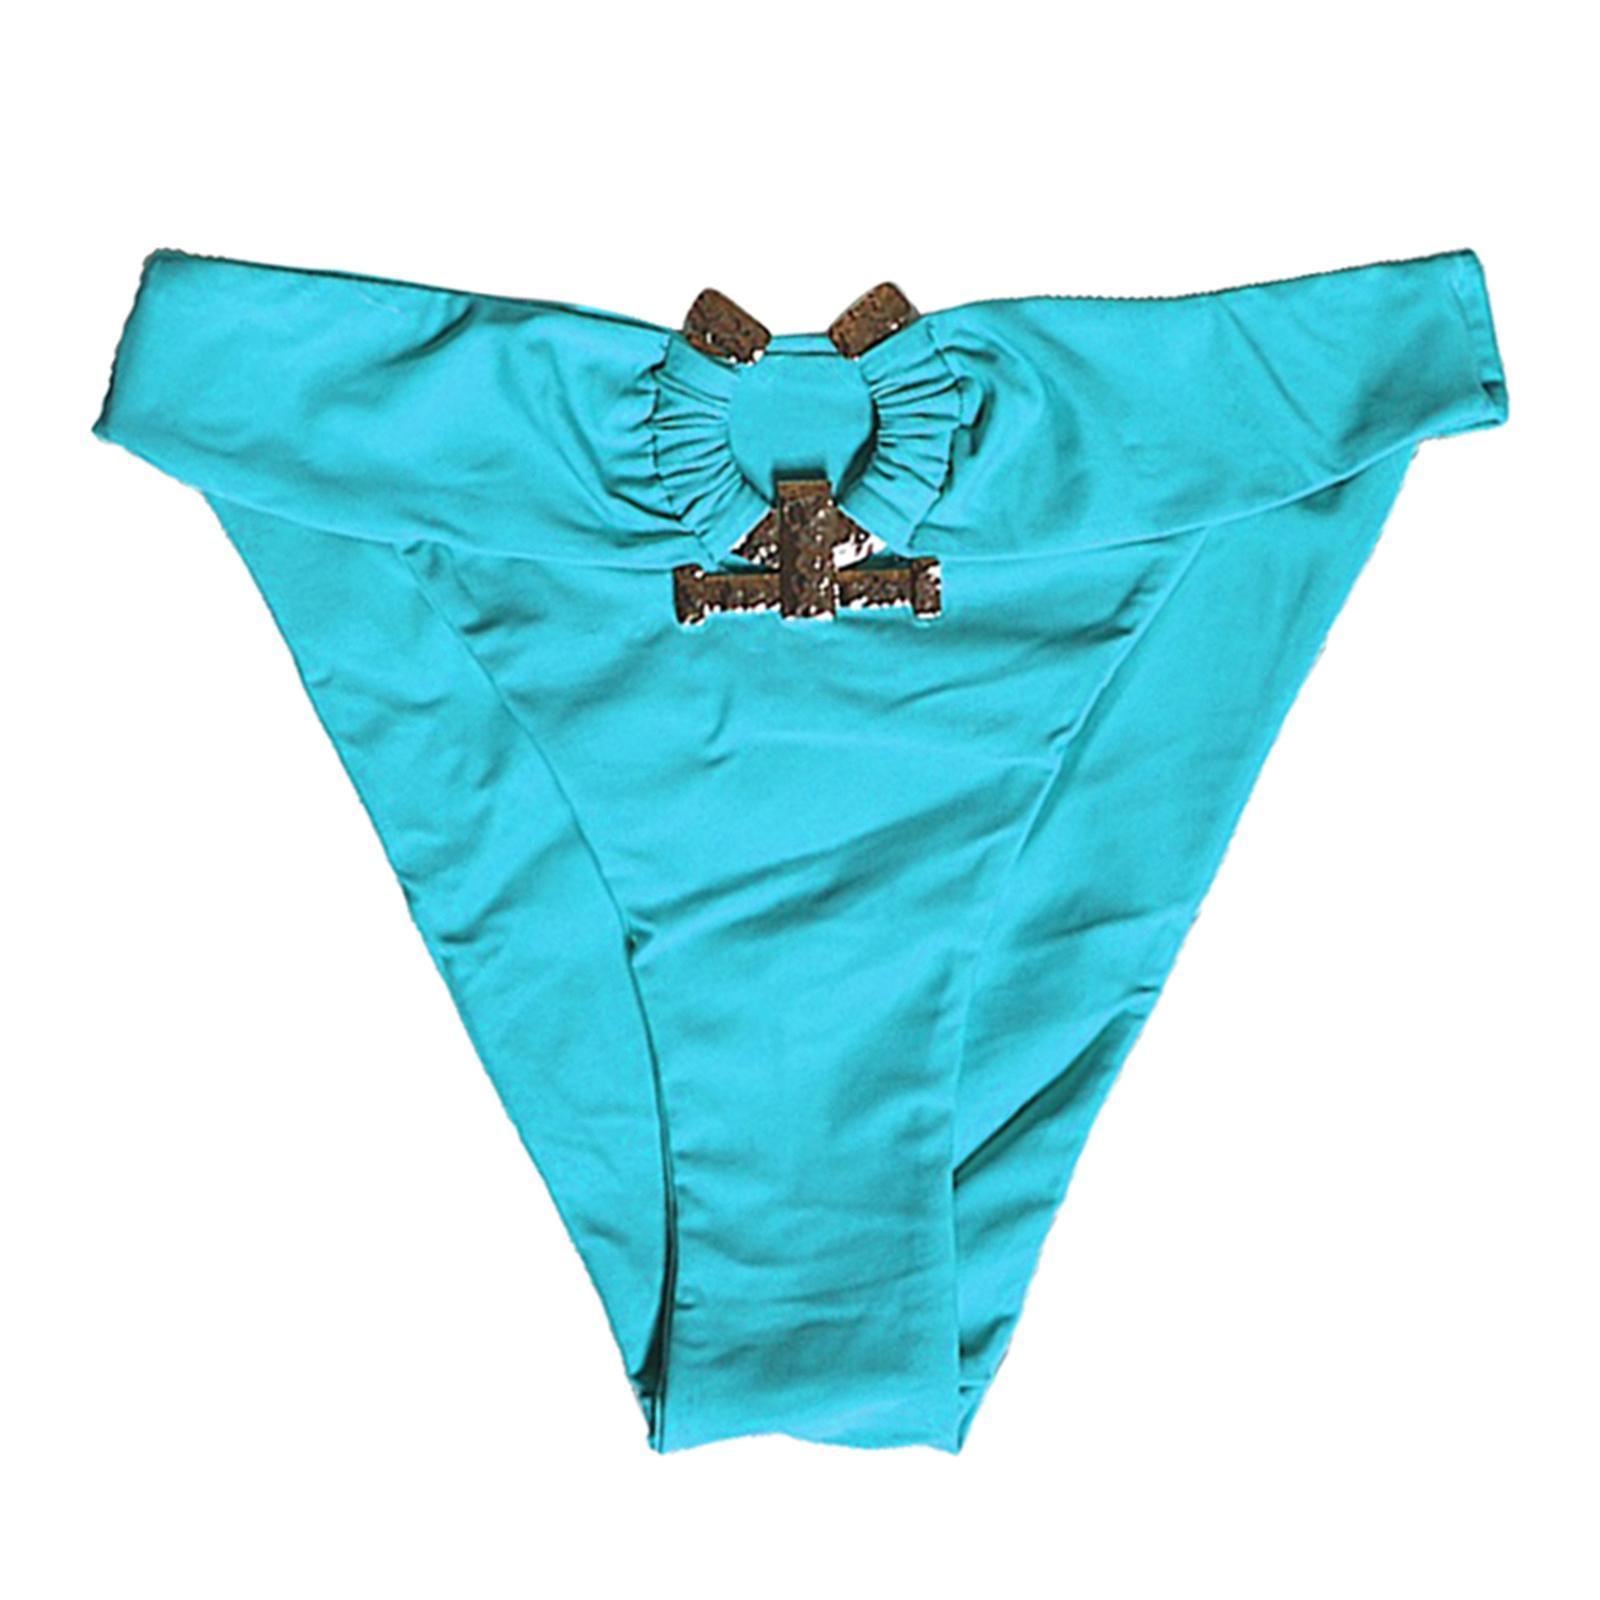 Indexbild 126 - Zwei Stücke Bikini Set Strappy Bademode Party Badeanzug Tankini Bademode